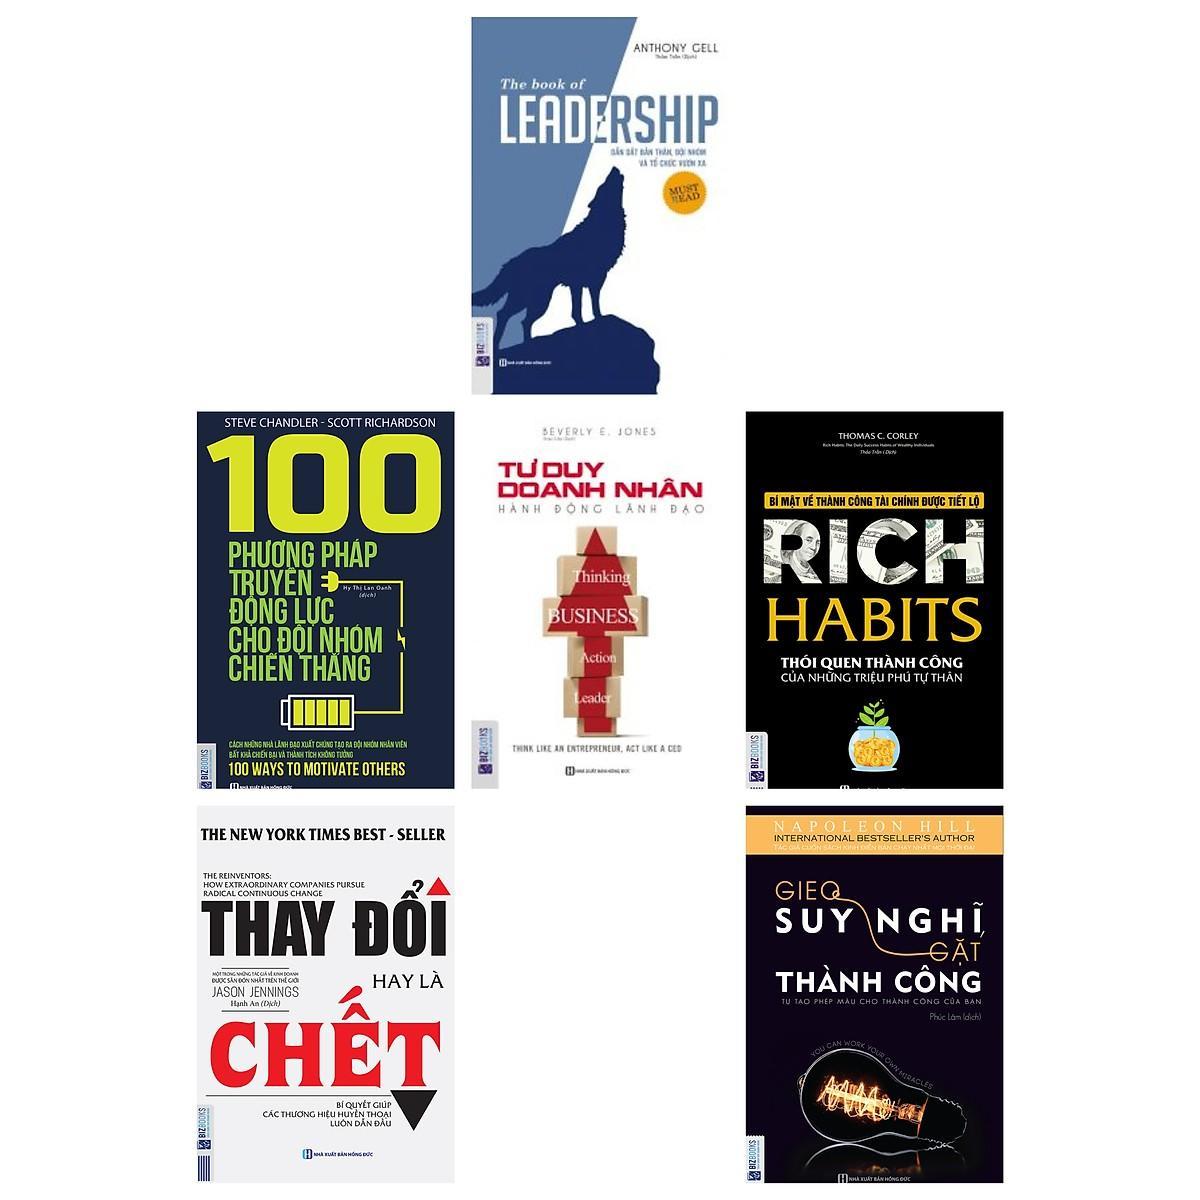 Mua Combo 6 cuốn sách lãnh đạo:Leadership+Thay đổi hay là chết+100 phương pháp truyền động lực+Sức mạnh của động lực+Đừng bao giờ từ bỏ giấc mơ(tặng bookmark kim loại mạ vàng)